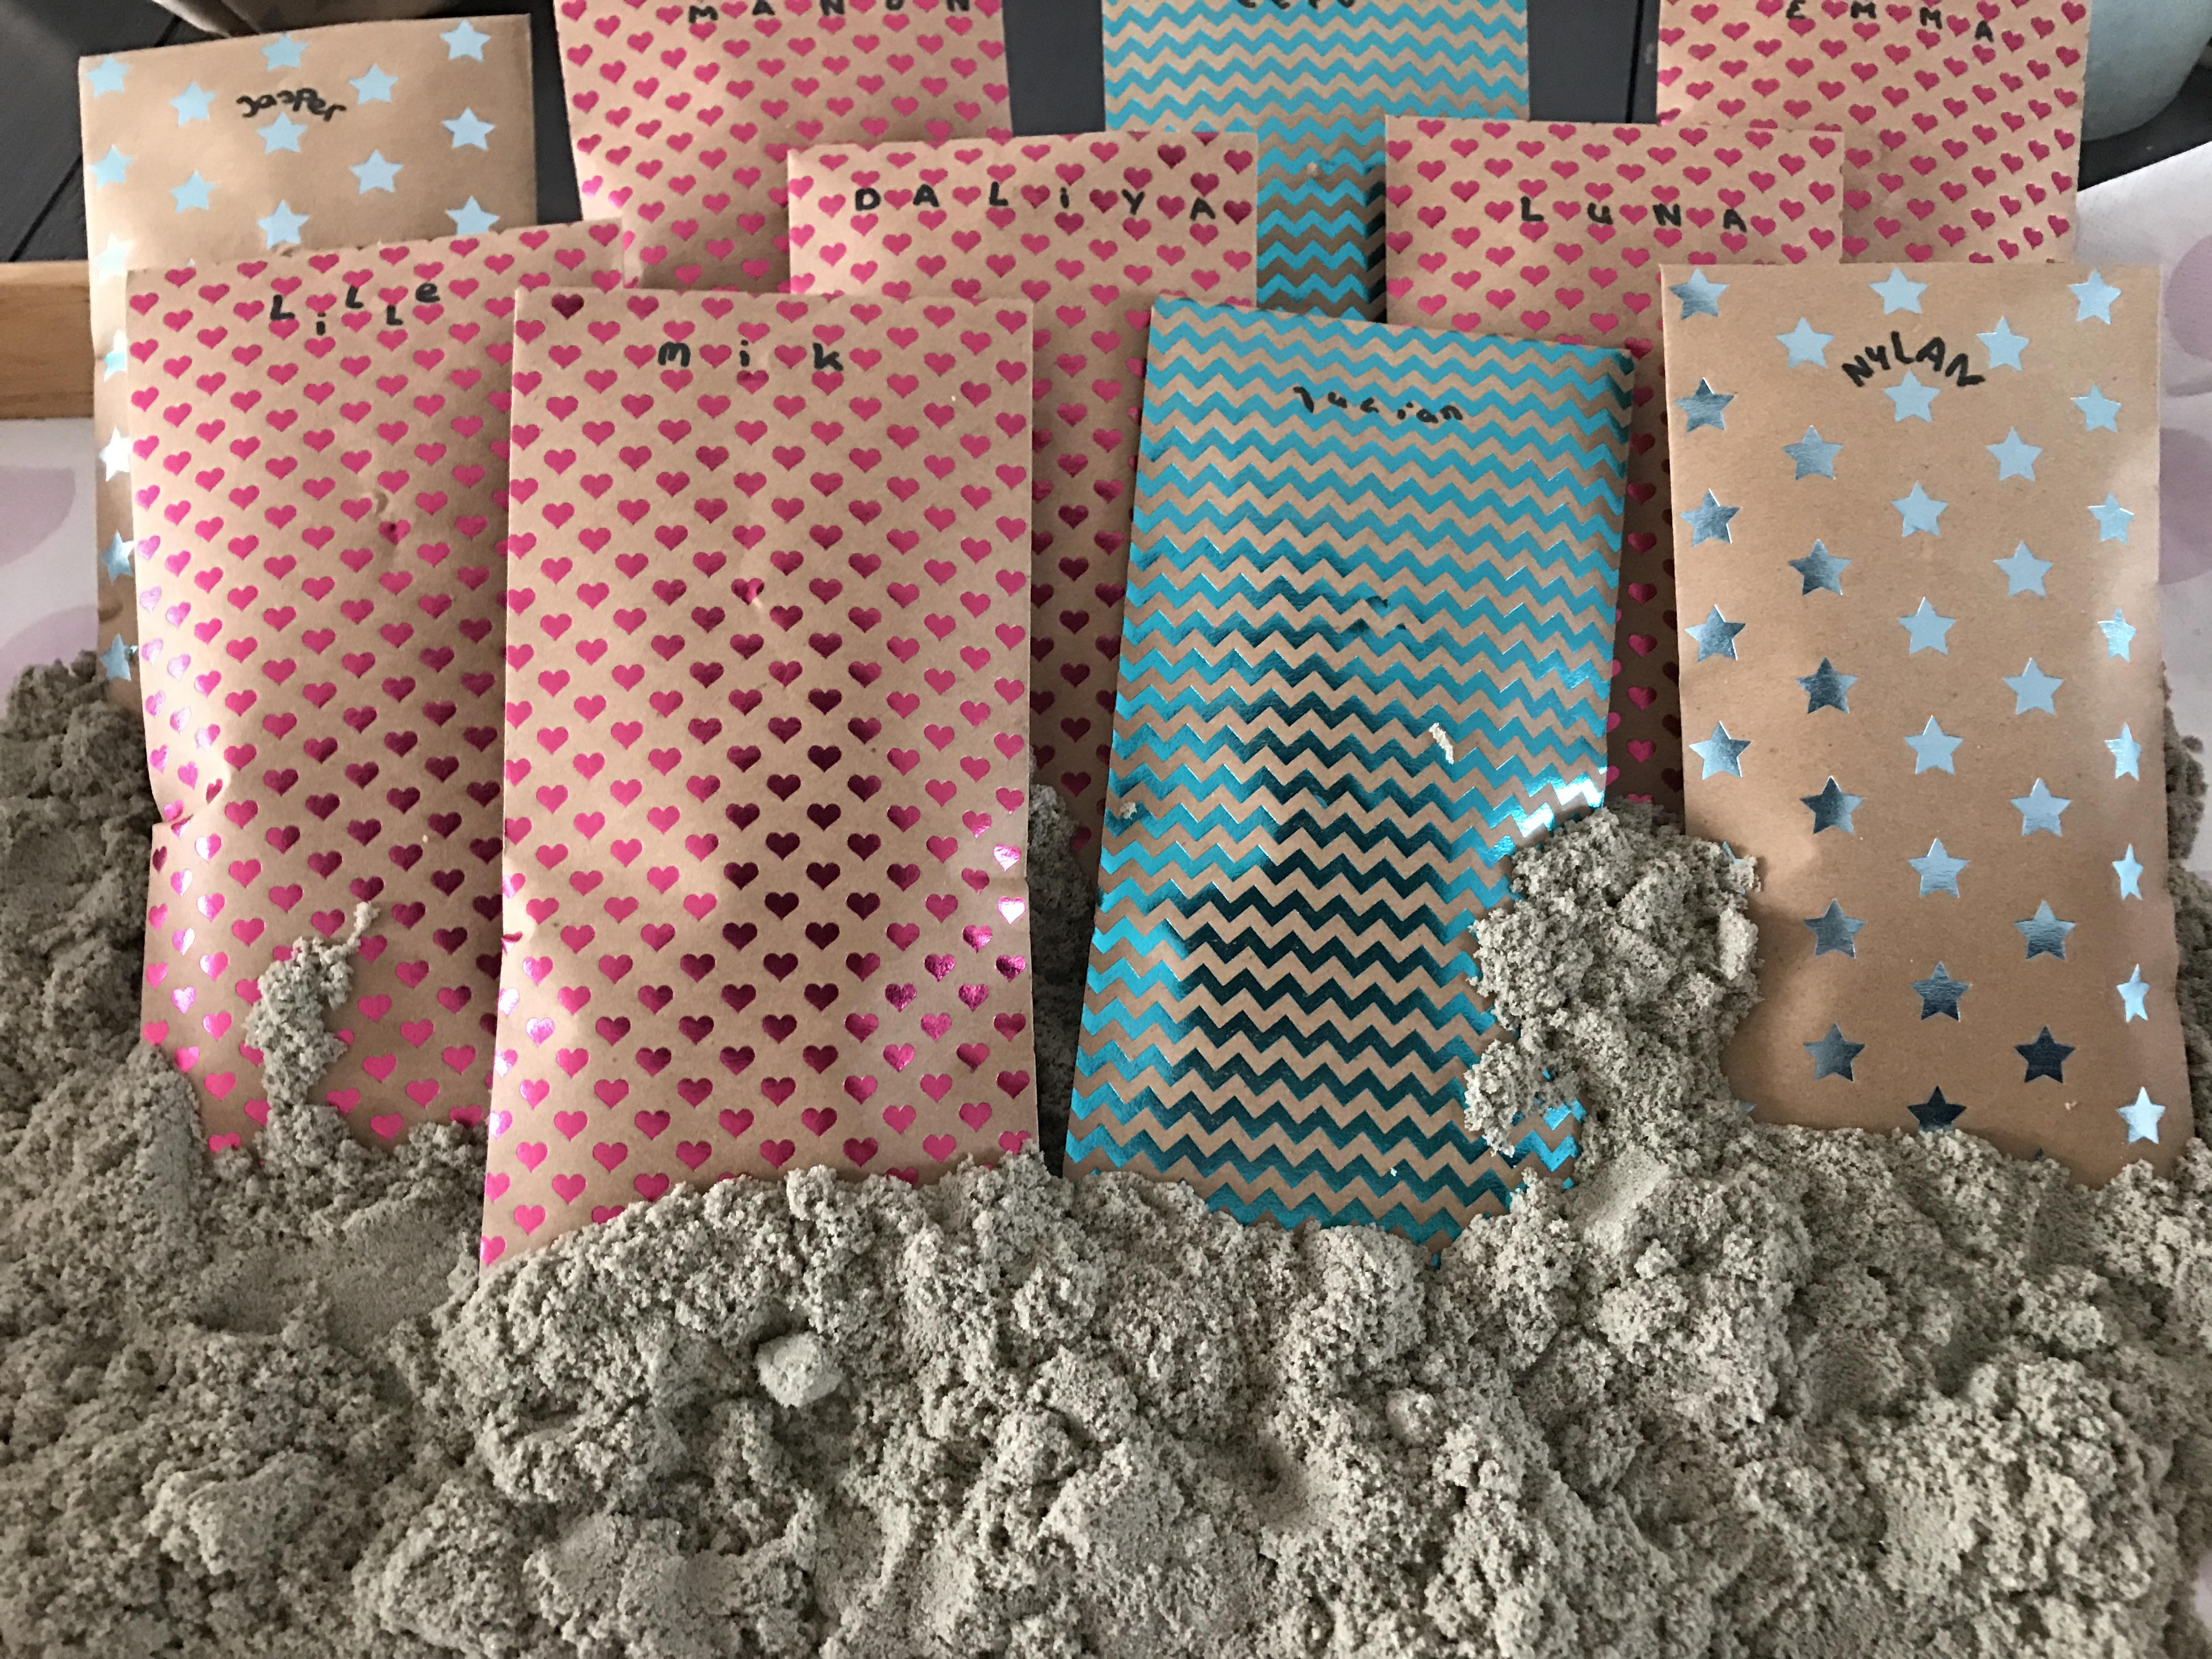 12-16-taart-zandkasteel-nola-2-jaar-verjaardag-verjaardagstaart-baby-meisje-kind-roze-thema-zand-dag-bestellen-balonnen-helium-nanny-moeder-amsterdam-diemen-slinger-hema-zakjes